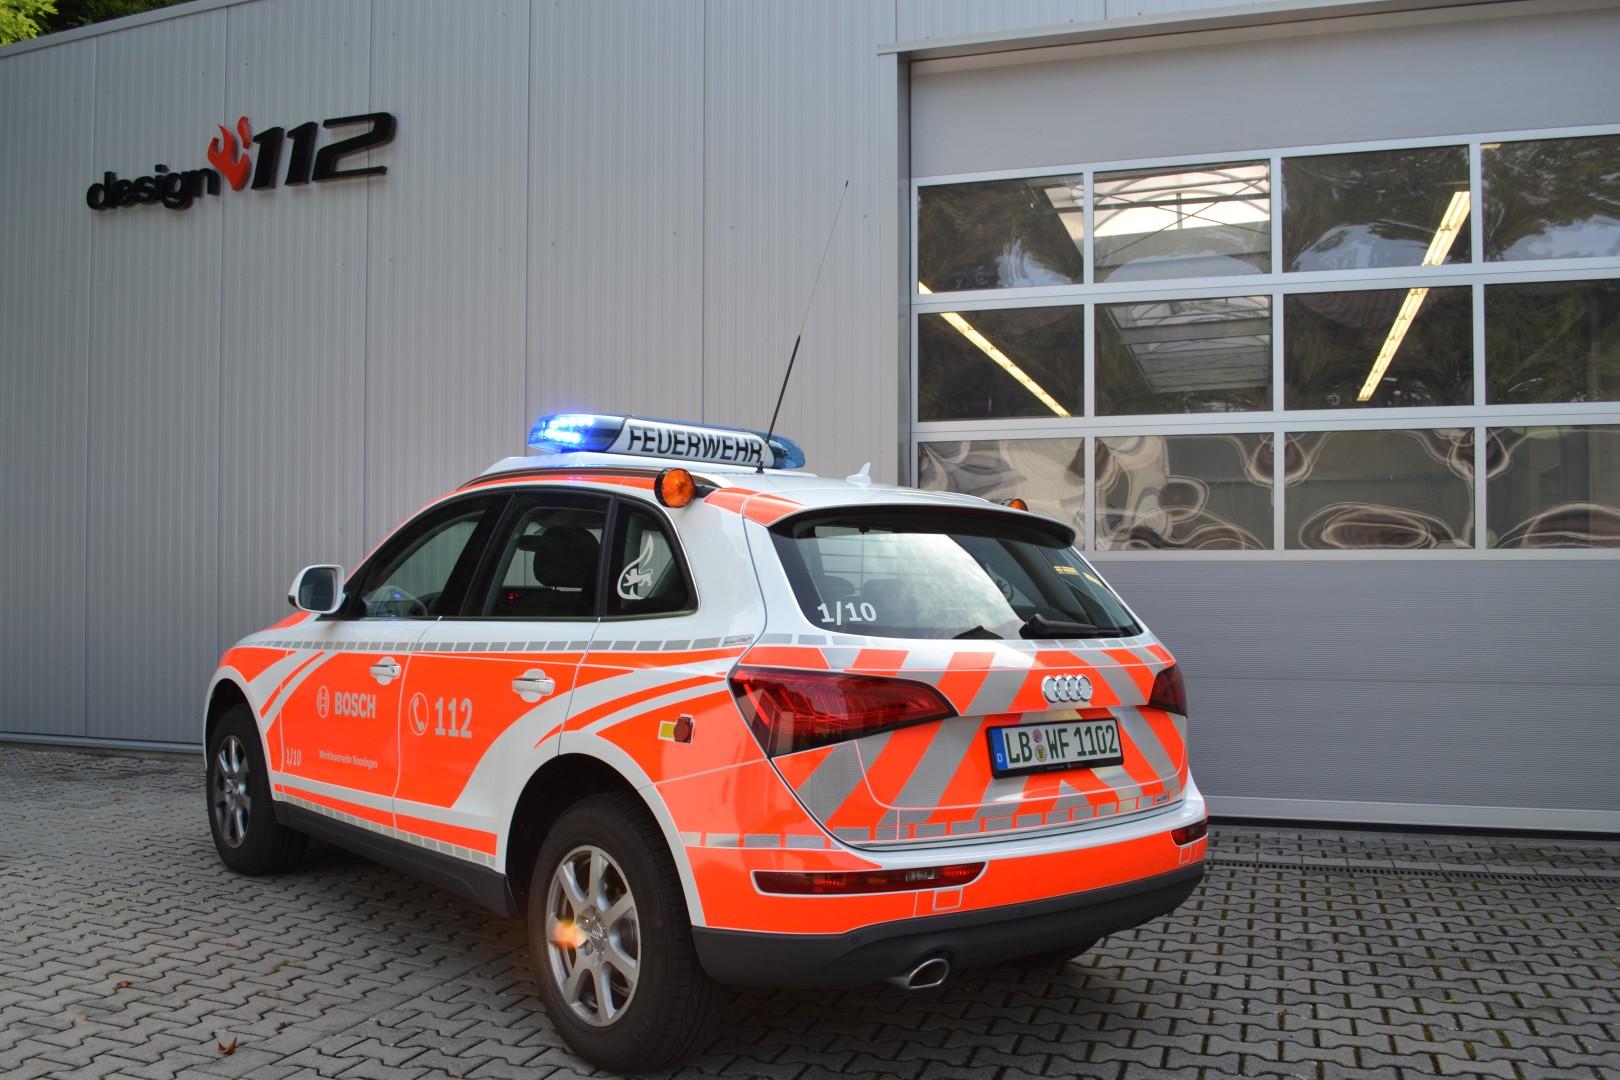 design112-werkfeuerwehr-bosch-audi-q5-folie-ral3026-warnmarkierung-22-large